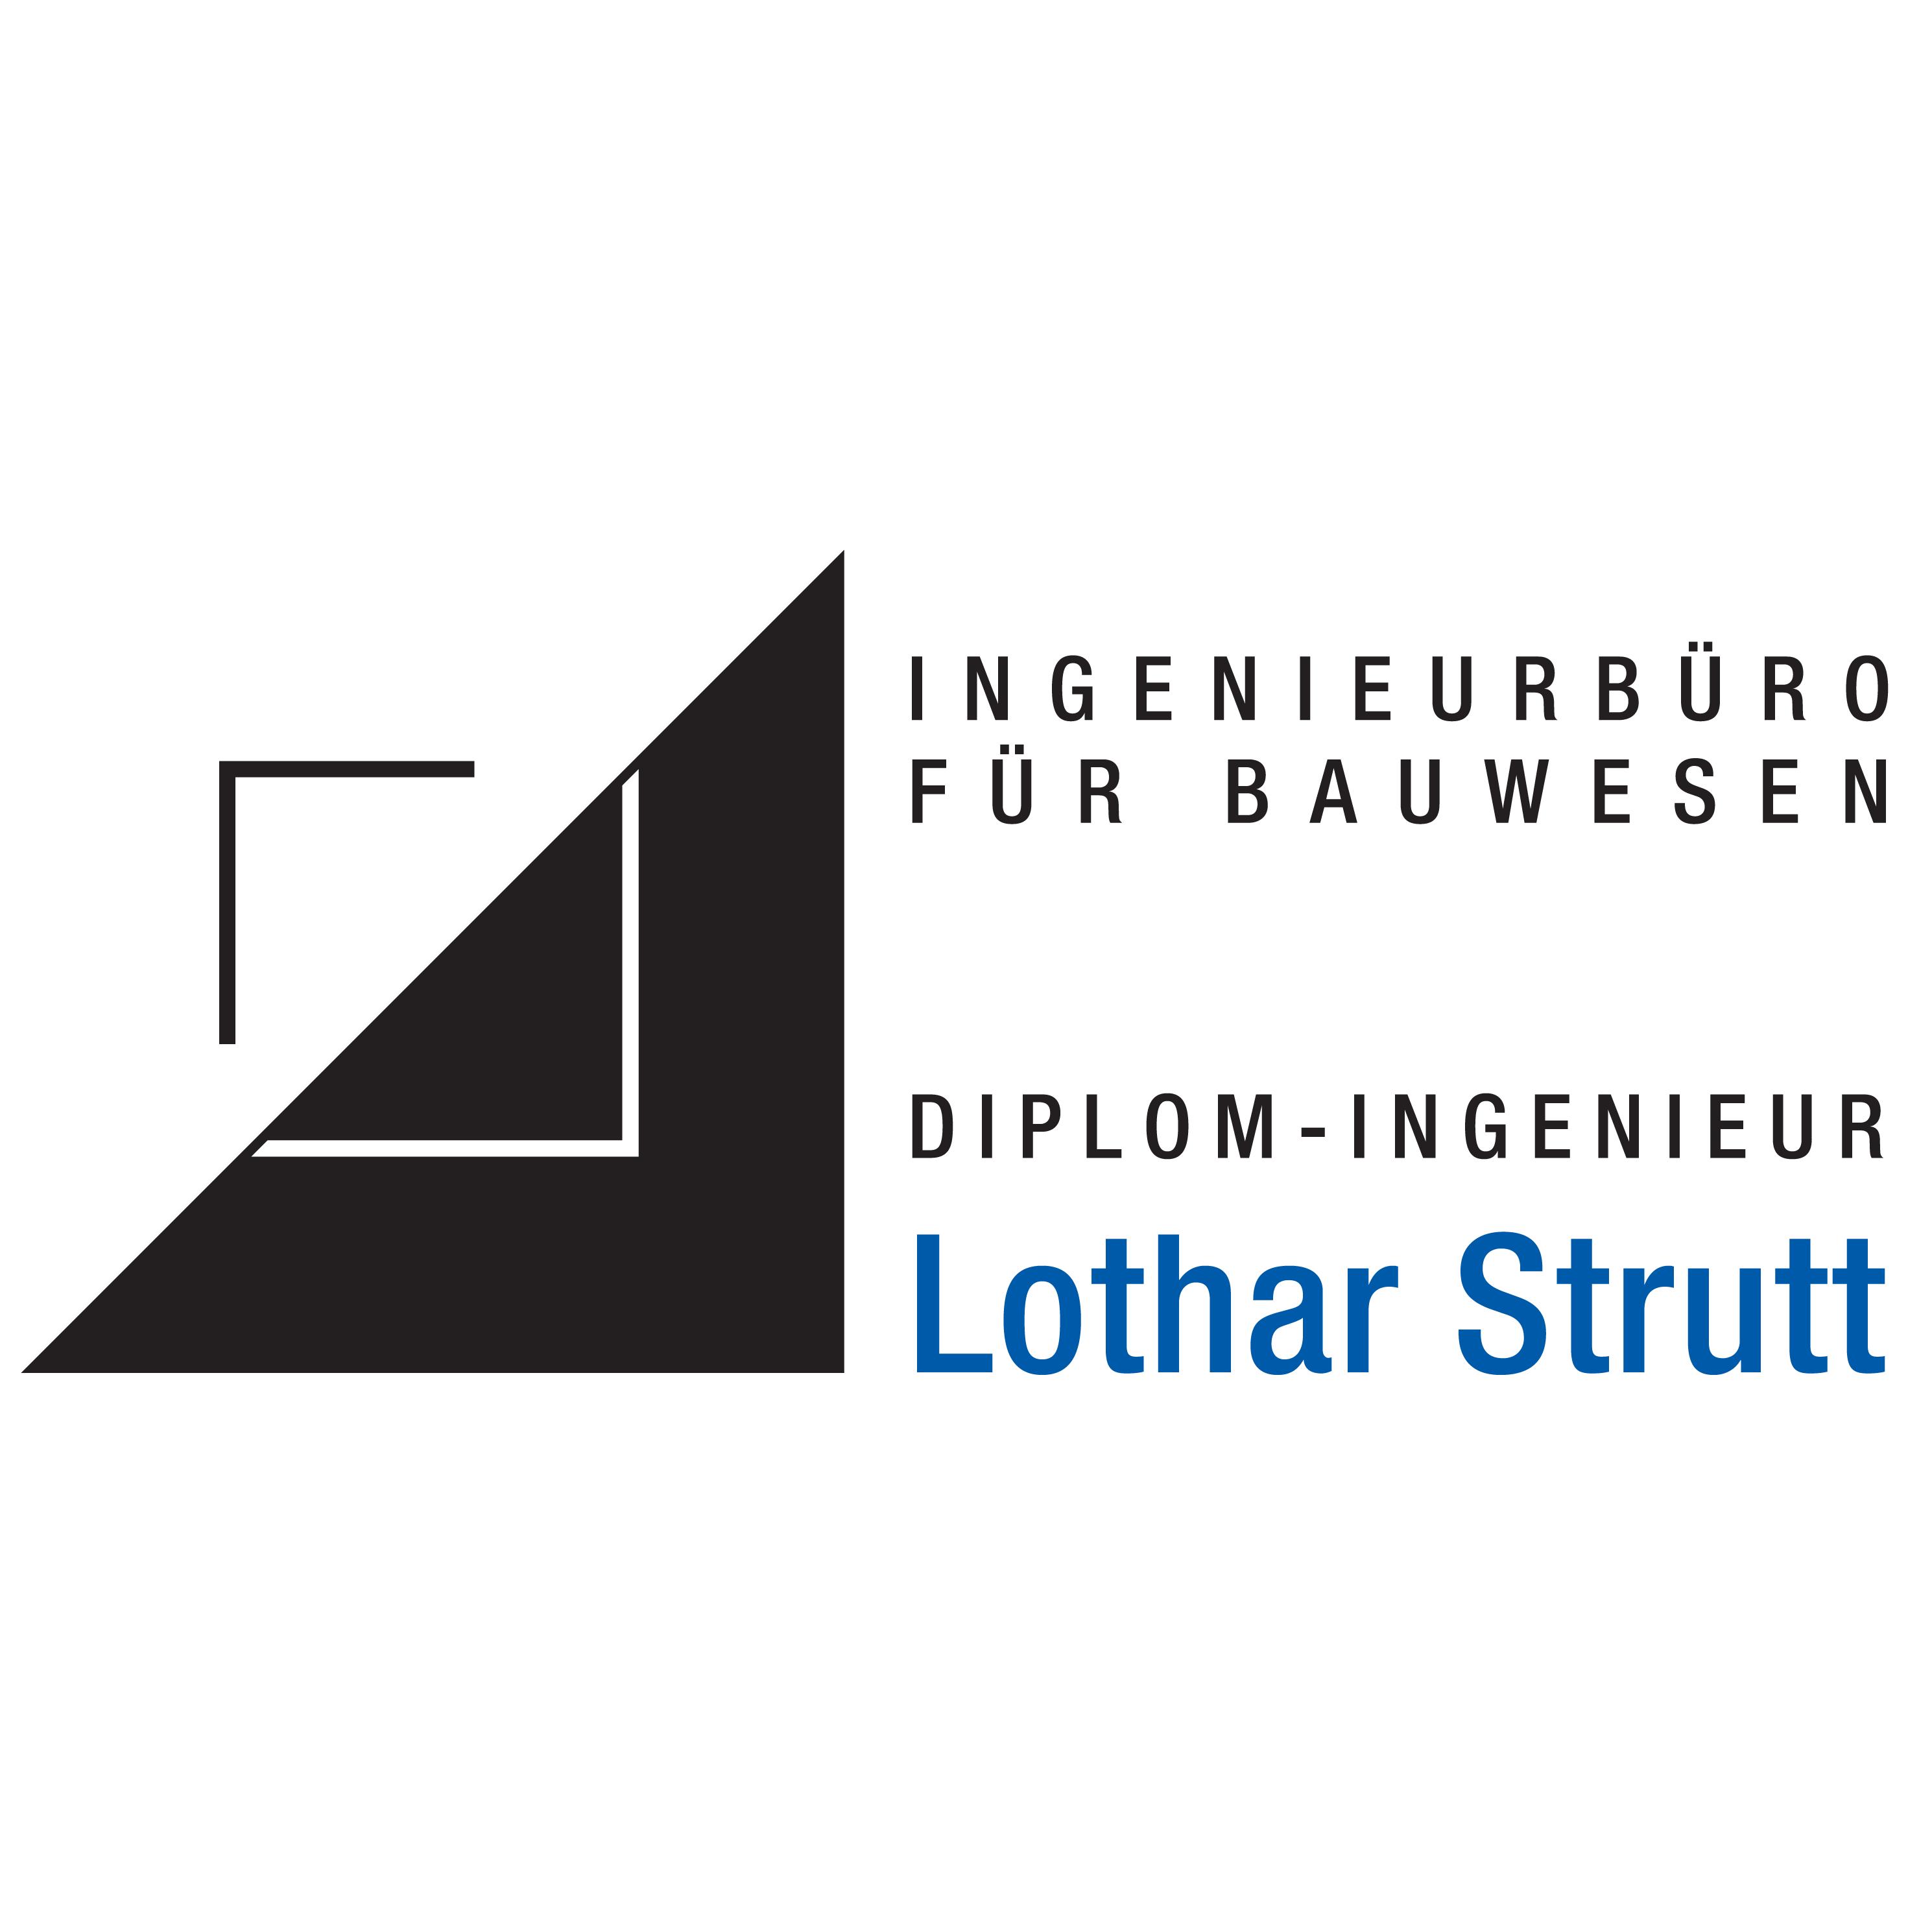 Bild zu Ingenieurbüro für Bauwesen Dipl.-Ing. Lothar Strutt in Dreieich